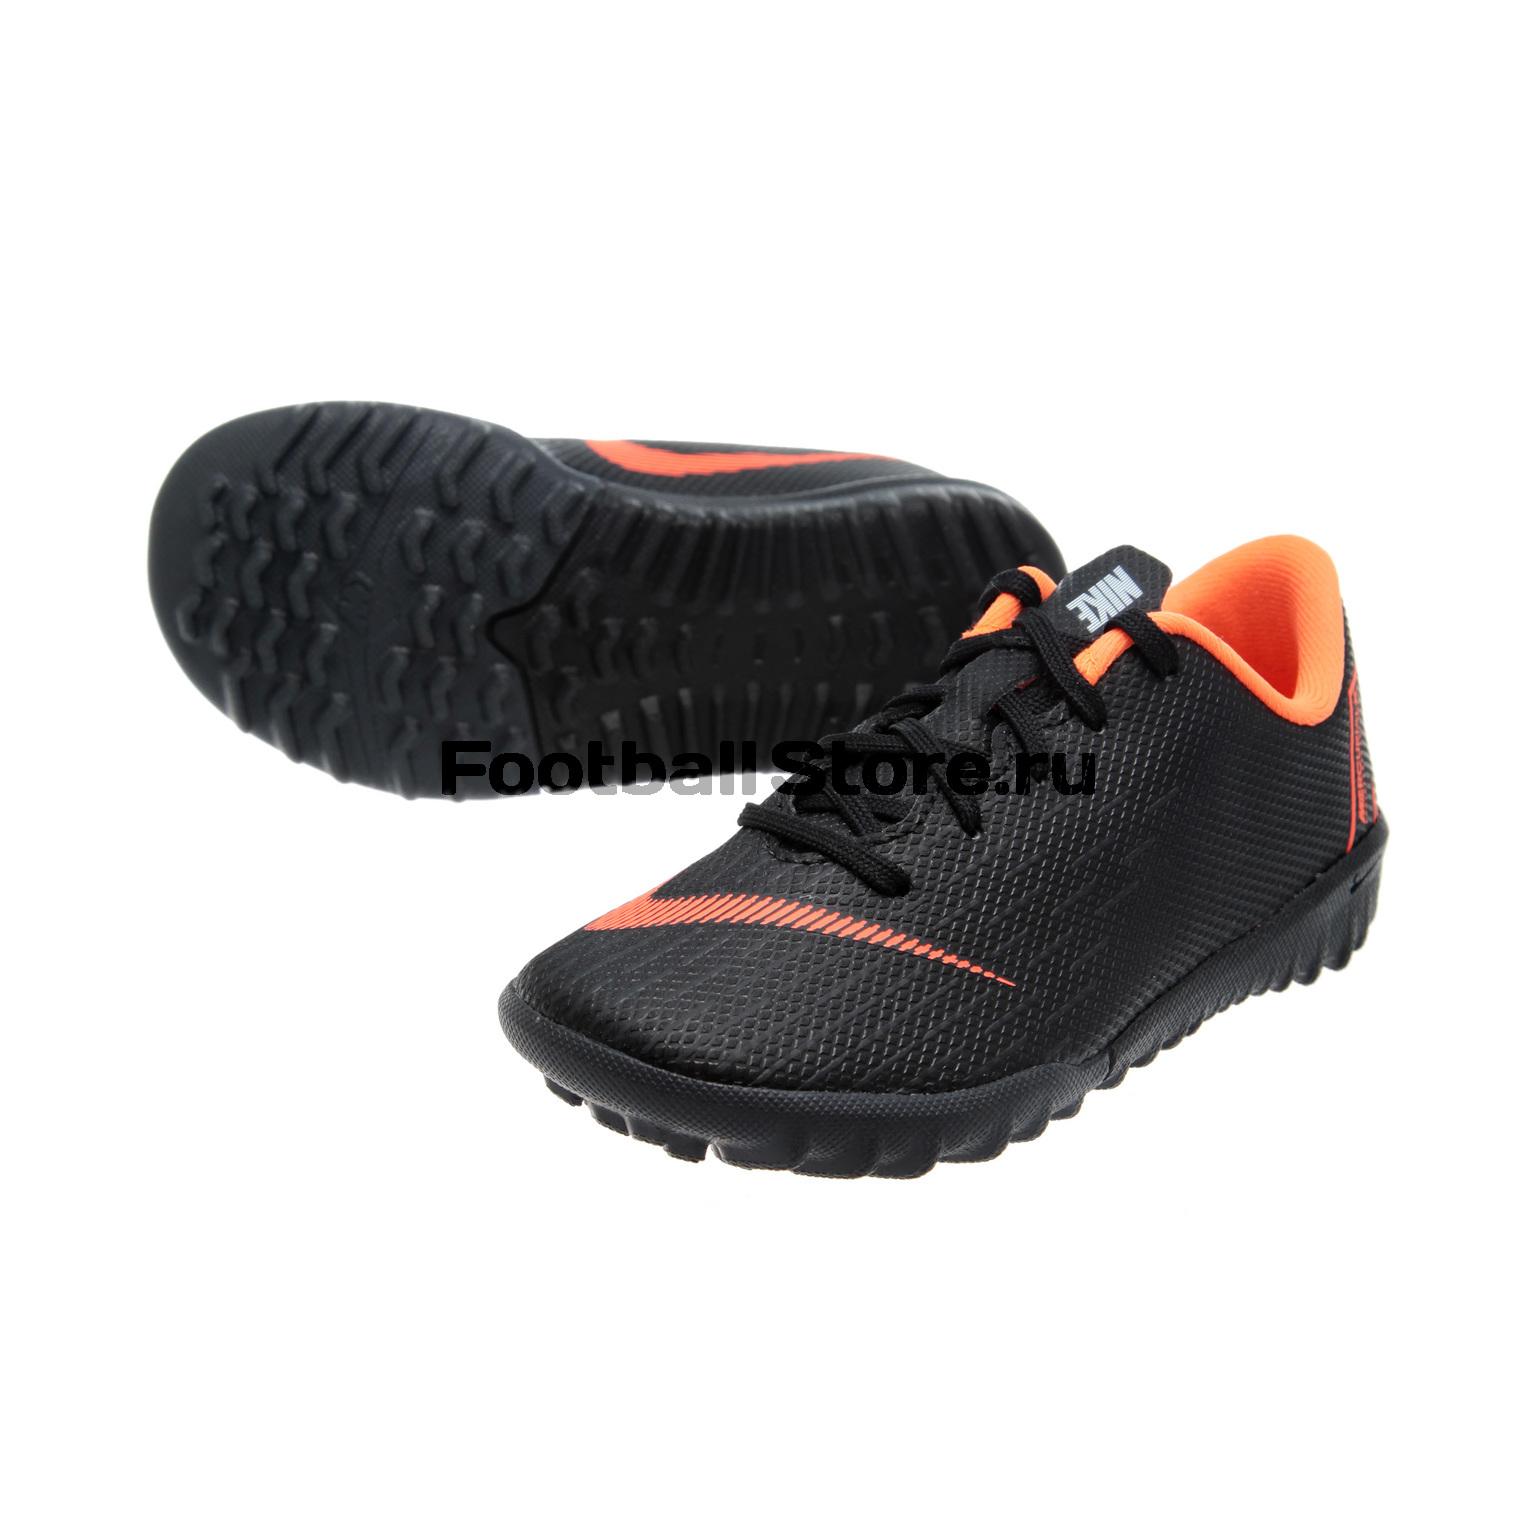 Шиповки детские Nike VaporX 12 Academy PS TF AH7353-081 шиповки nike vaporx 12 pro tf ah7388 810